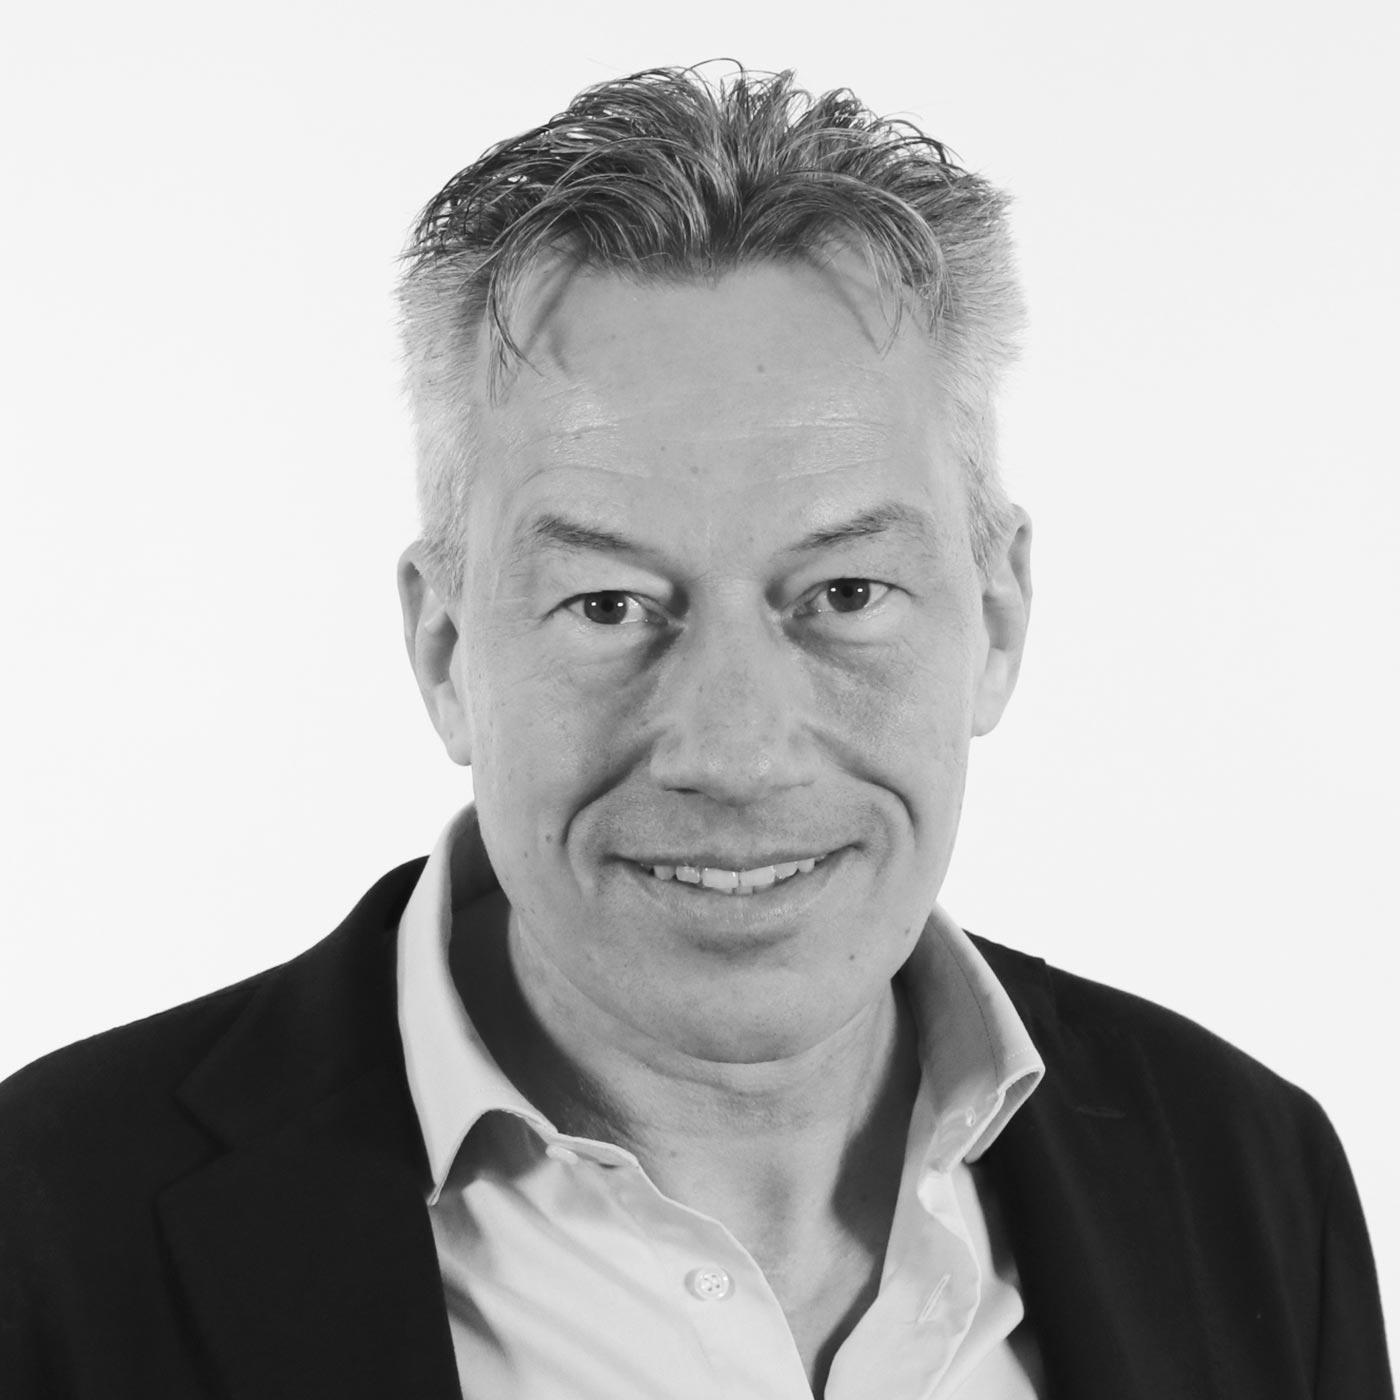 Thorsten Nölle